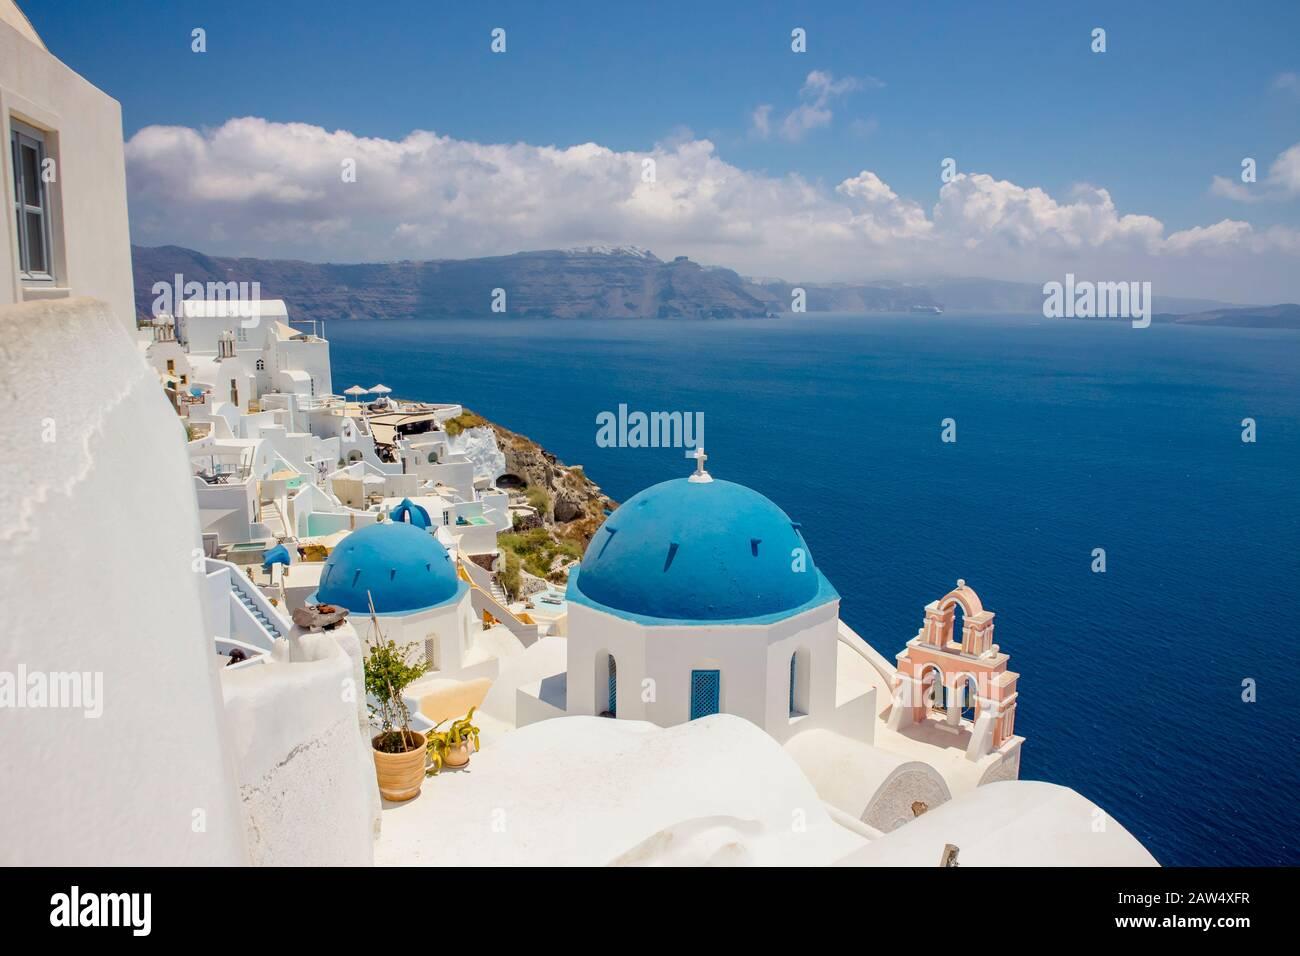 Célèbre dôme bleu église orthodoxe dans le village d'Oia sur l'île de Santorin en Grèce en Europe. Banque D'Images